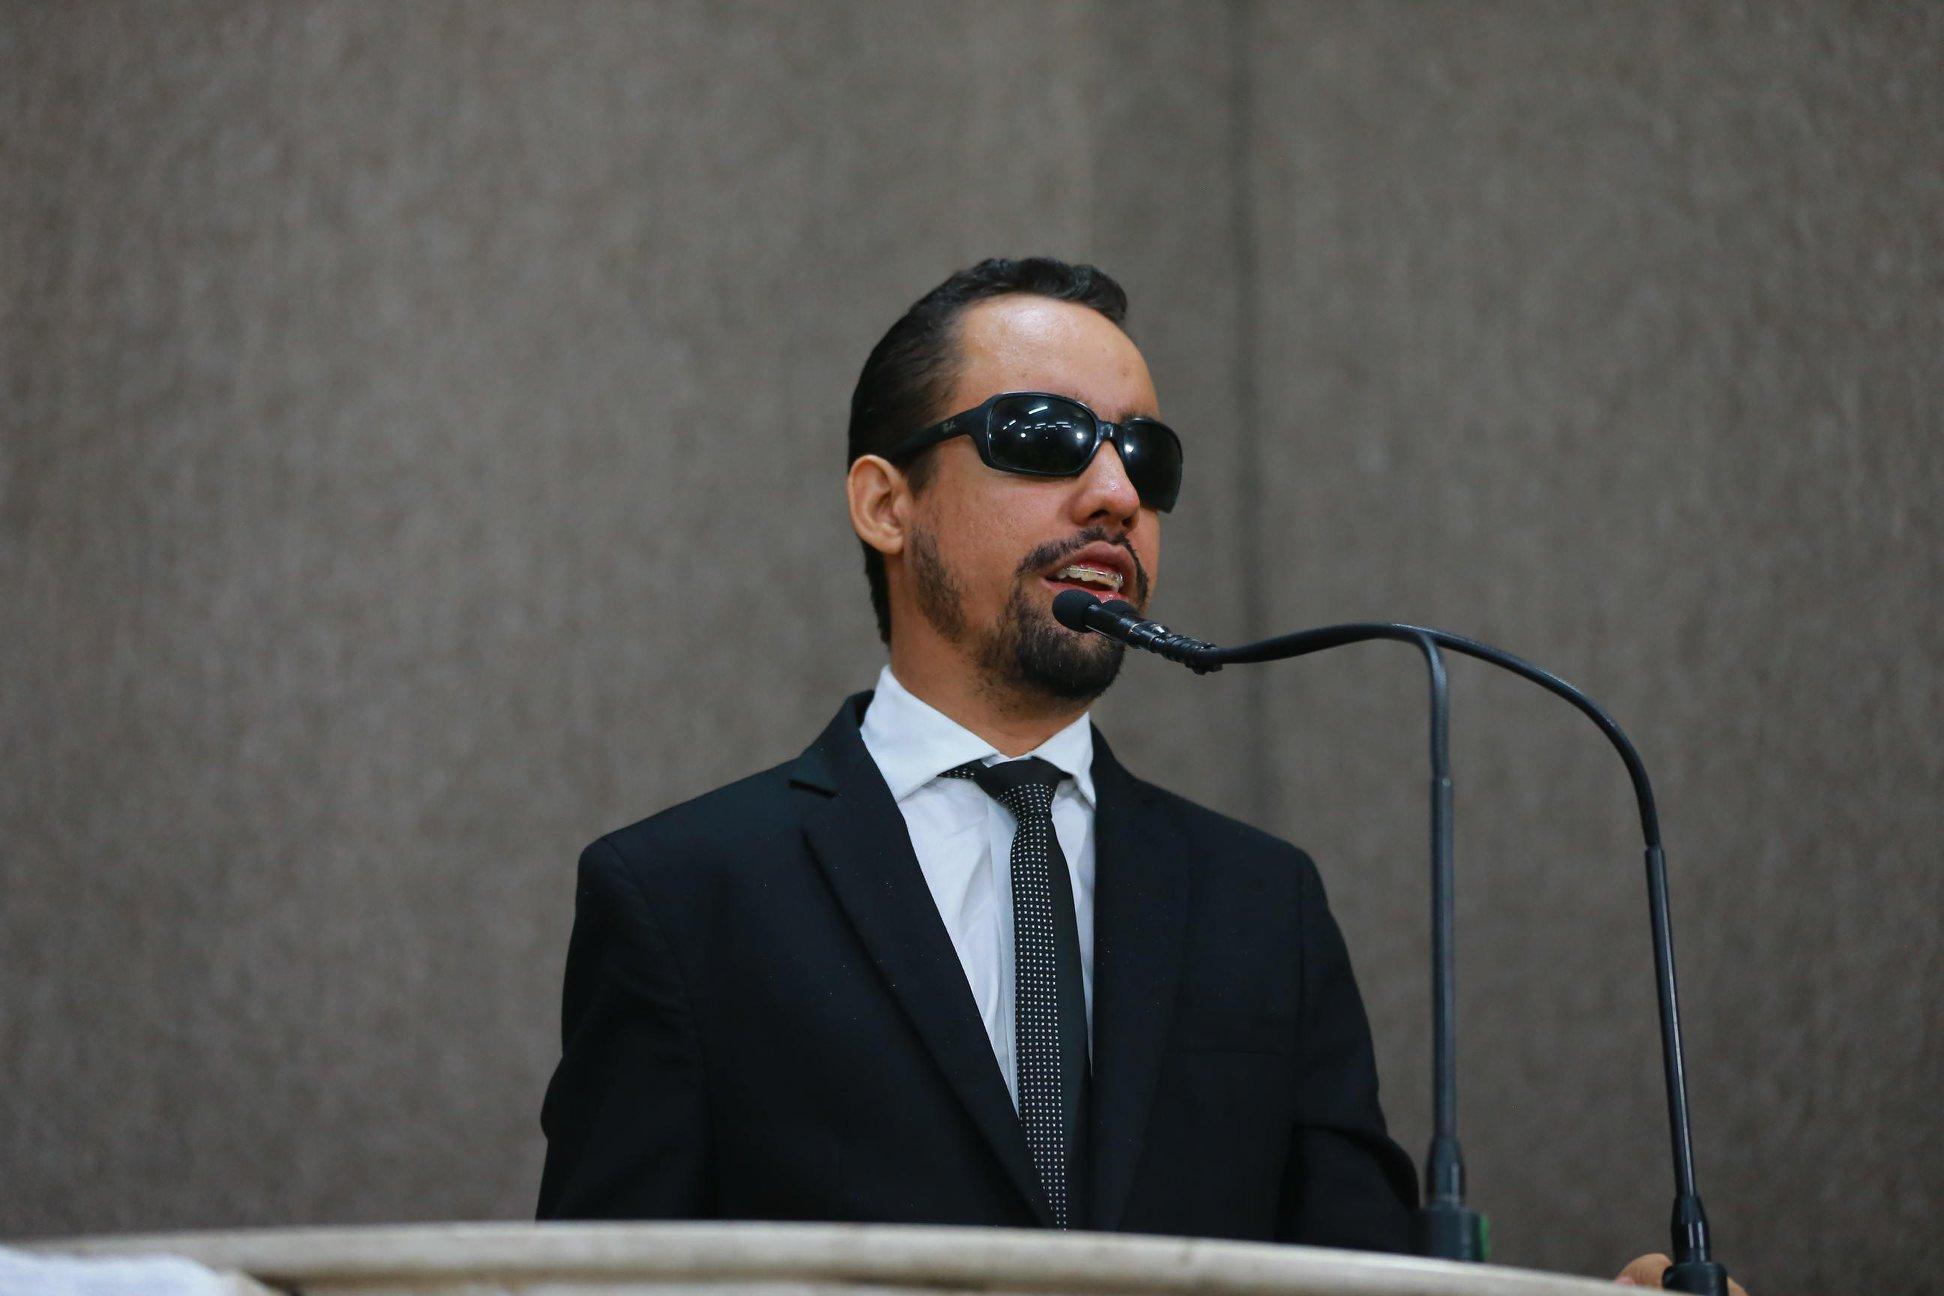 #PraTodoMundoVer Fotografia de Lucas Aribé na tribuna da CMA